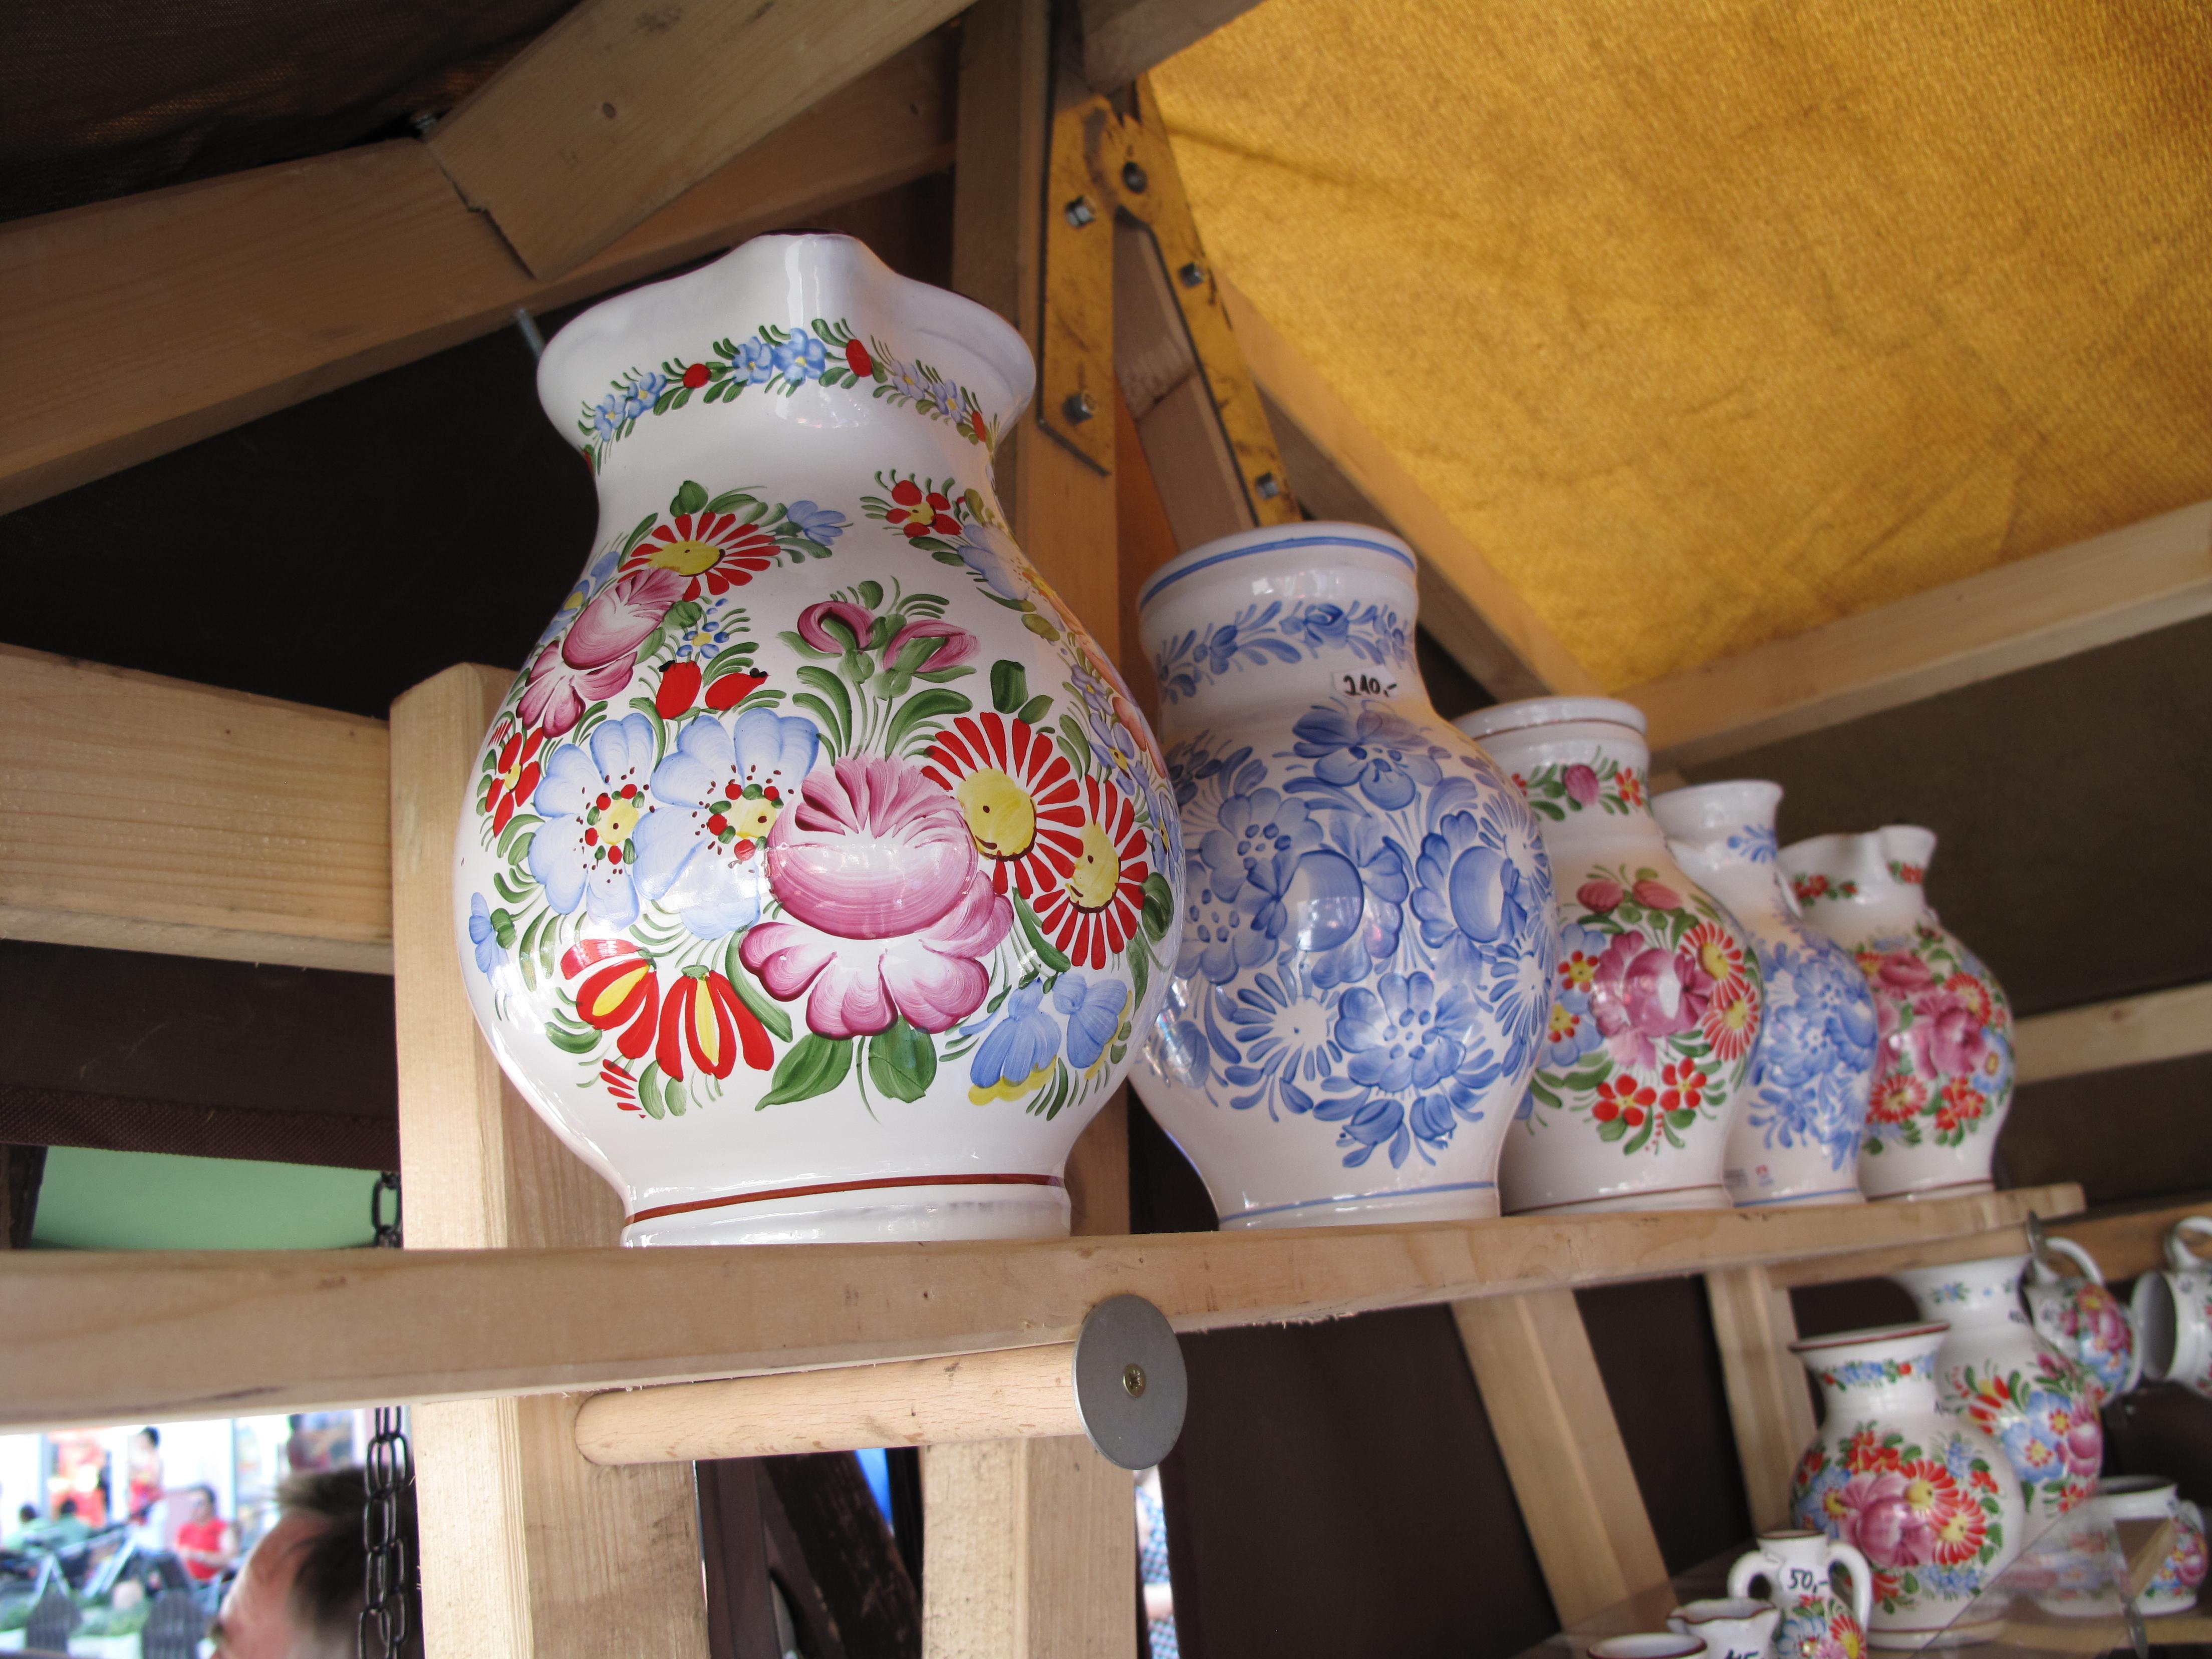 Hrnčířské trhy Beroun 2011, džbánky chodské keramiky Jany Psutkové (002).JPG